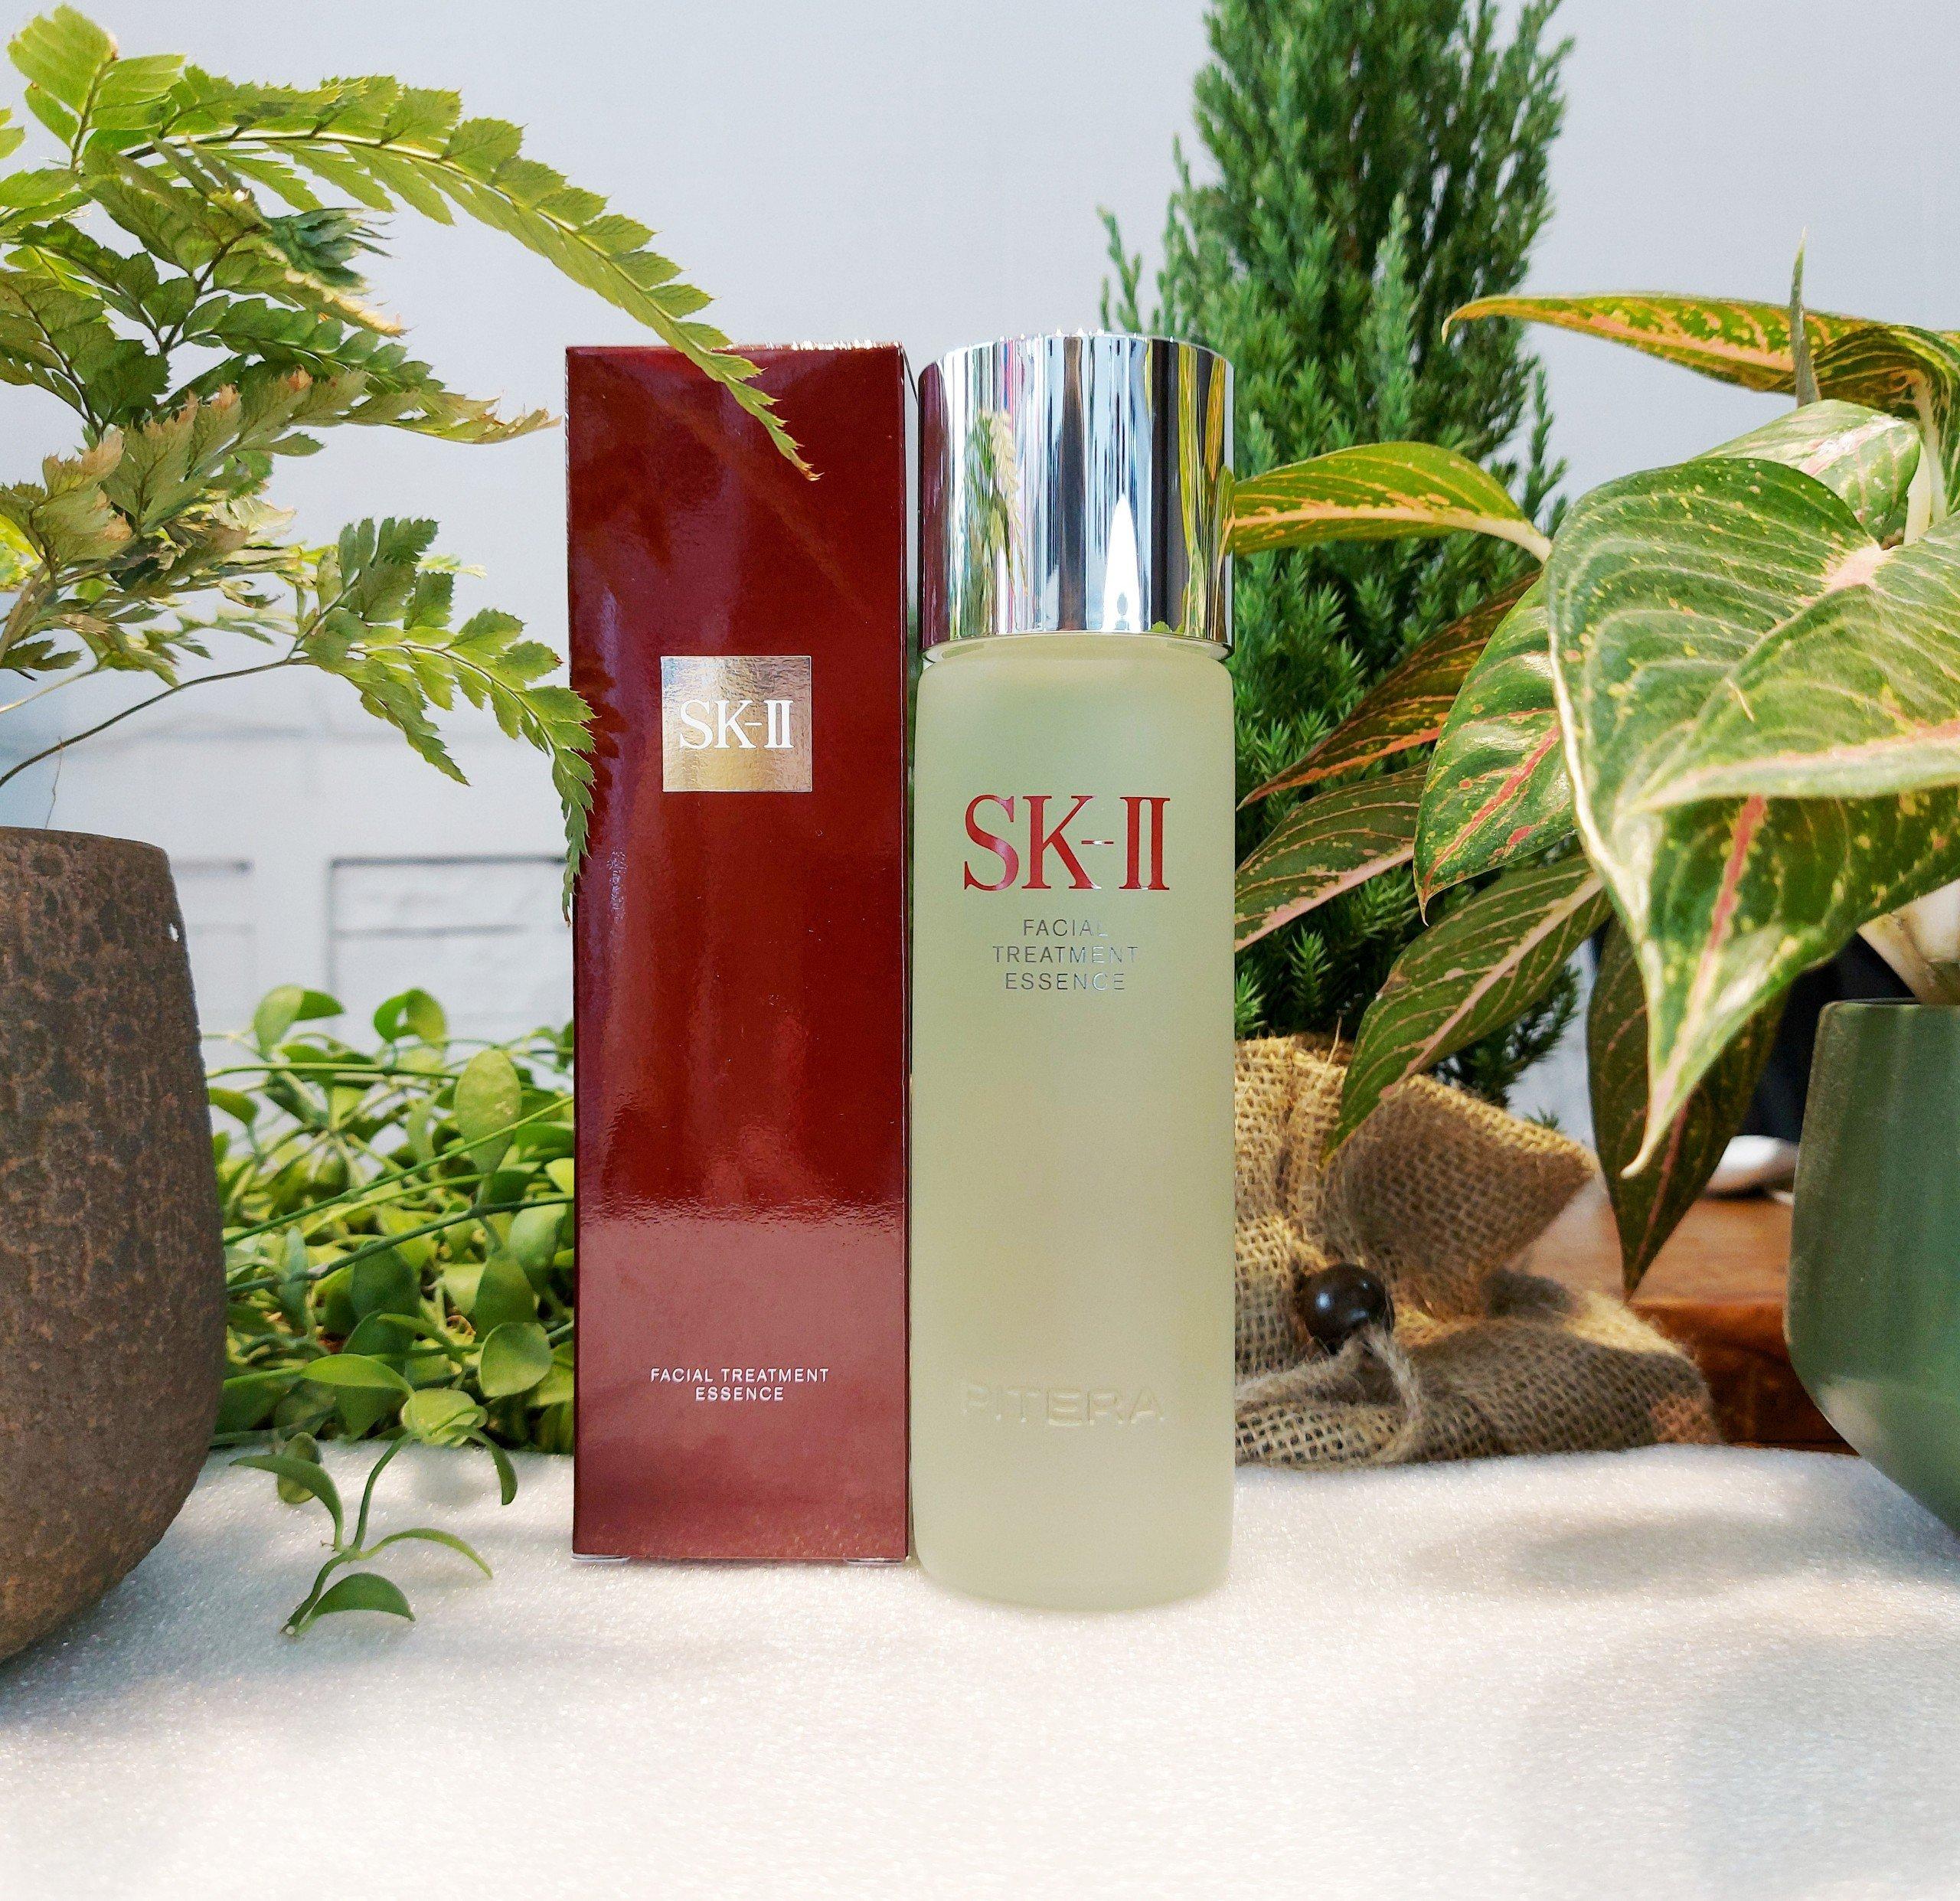 fte230 - Cách sử dụng nước thần SKII hiệu quả không lãng phí